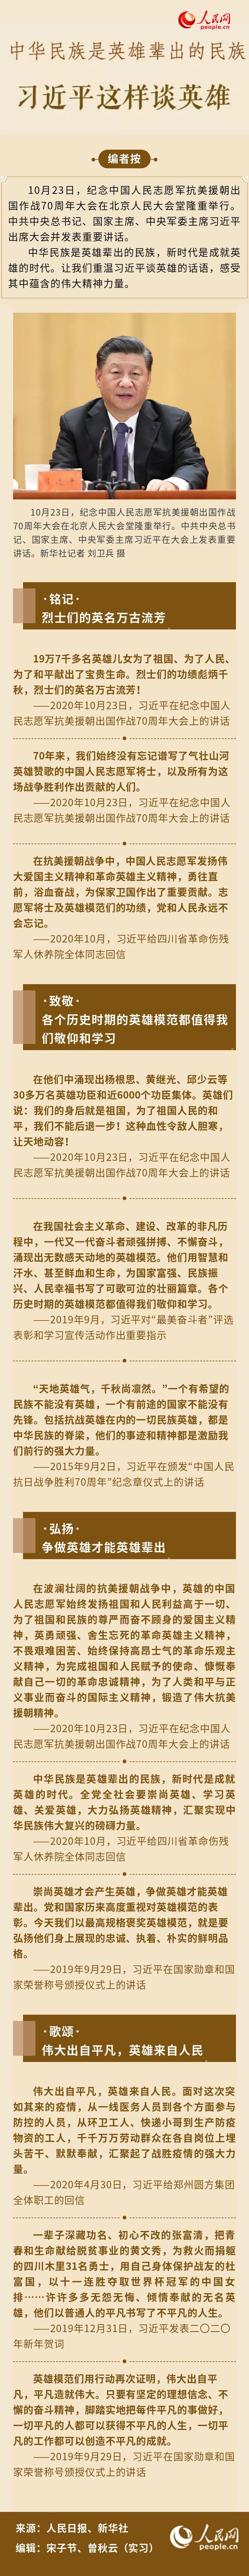 中华民族是英雄辈出的民族 习近平这样谈英雄图片